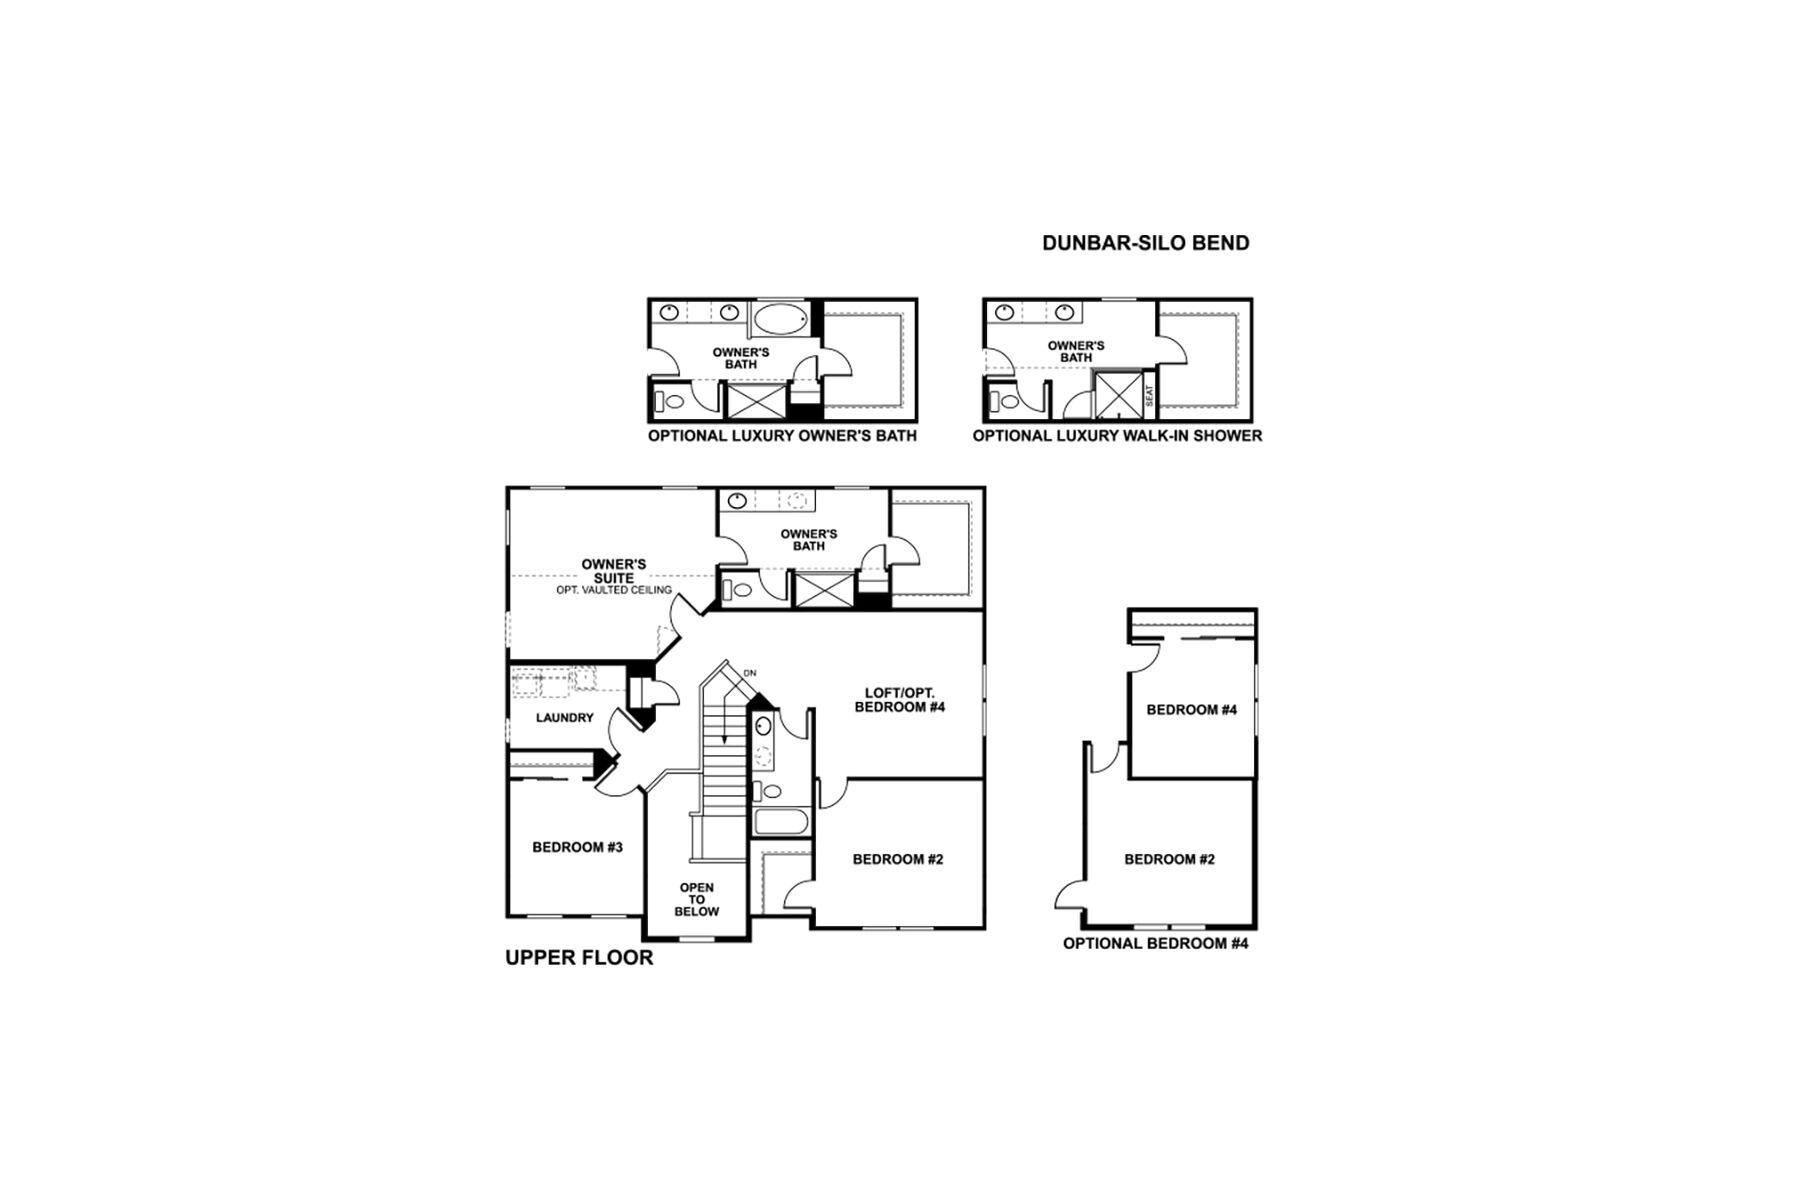 CHIC-Silbend-DunbarFloorplan-Upper